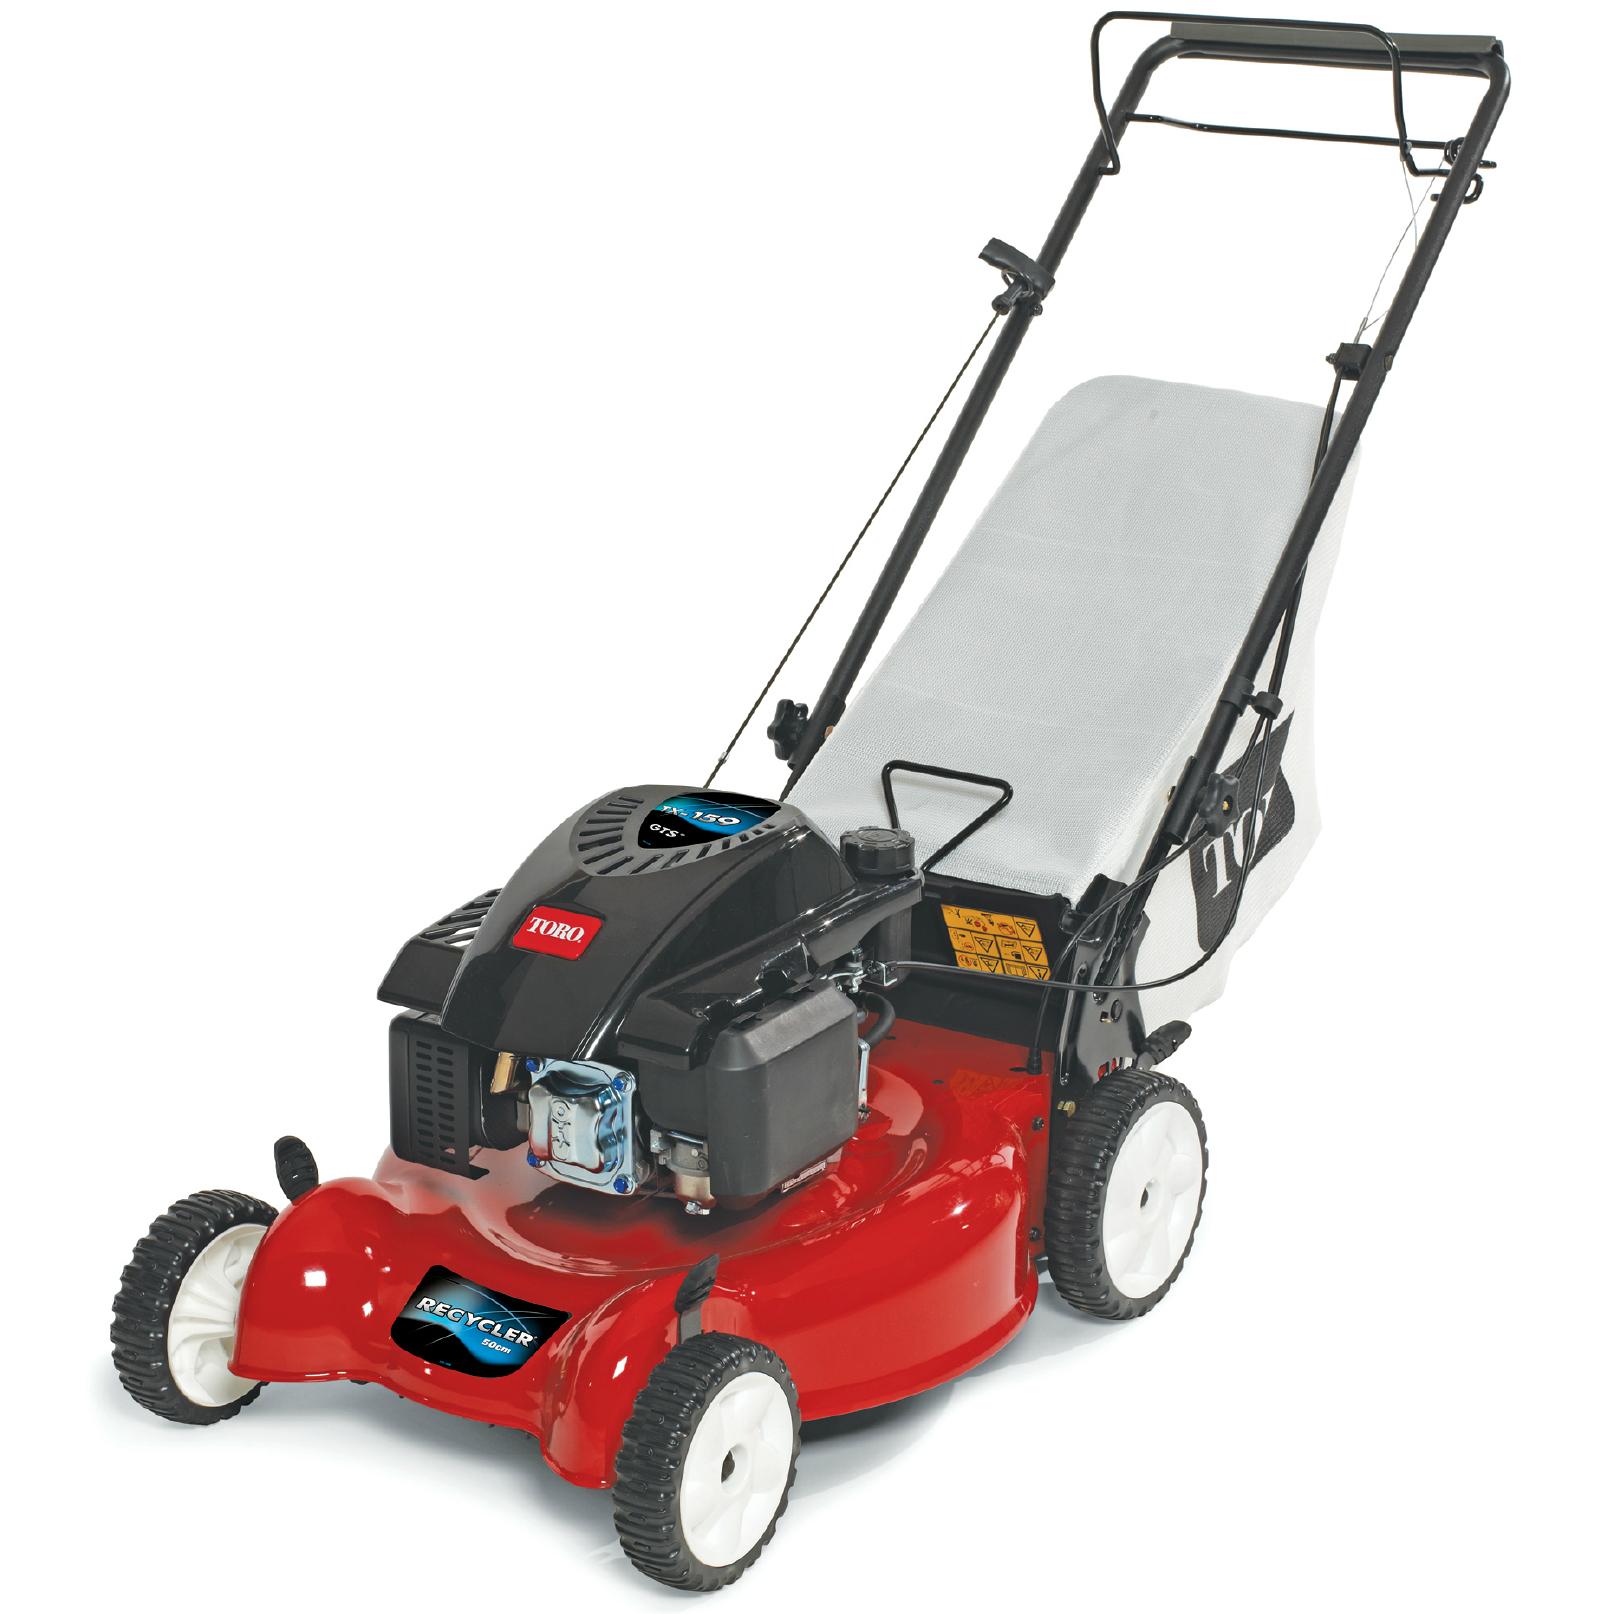 Toro 29639 Steel Deck Petrol Recycler Lawn Mower